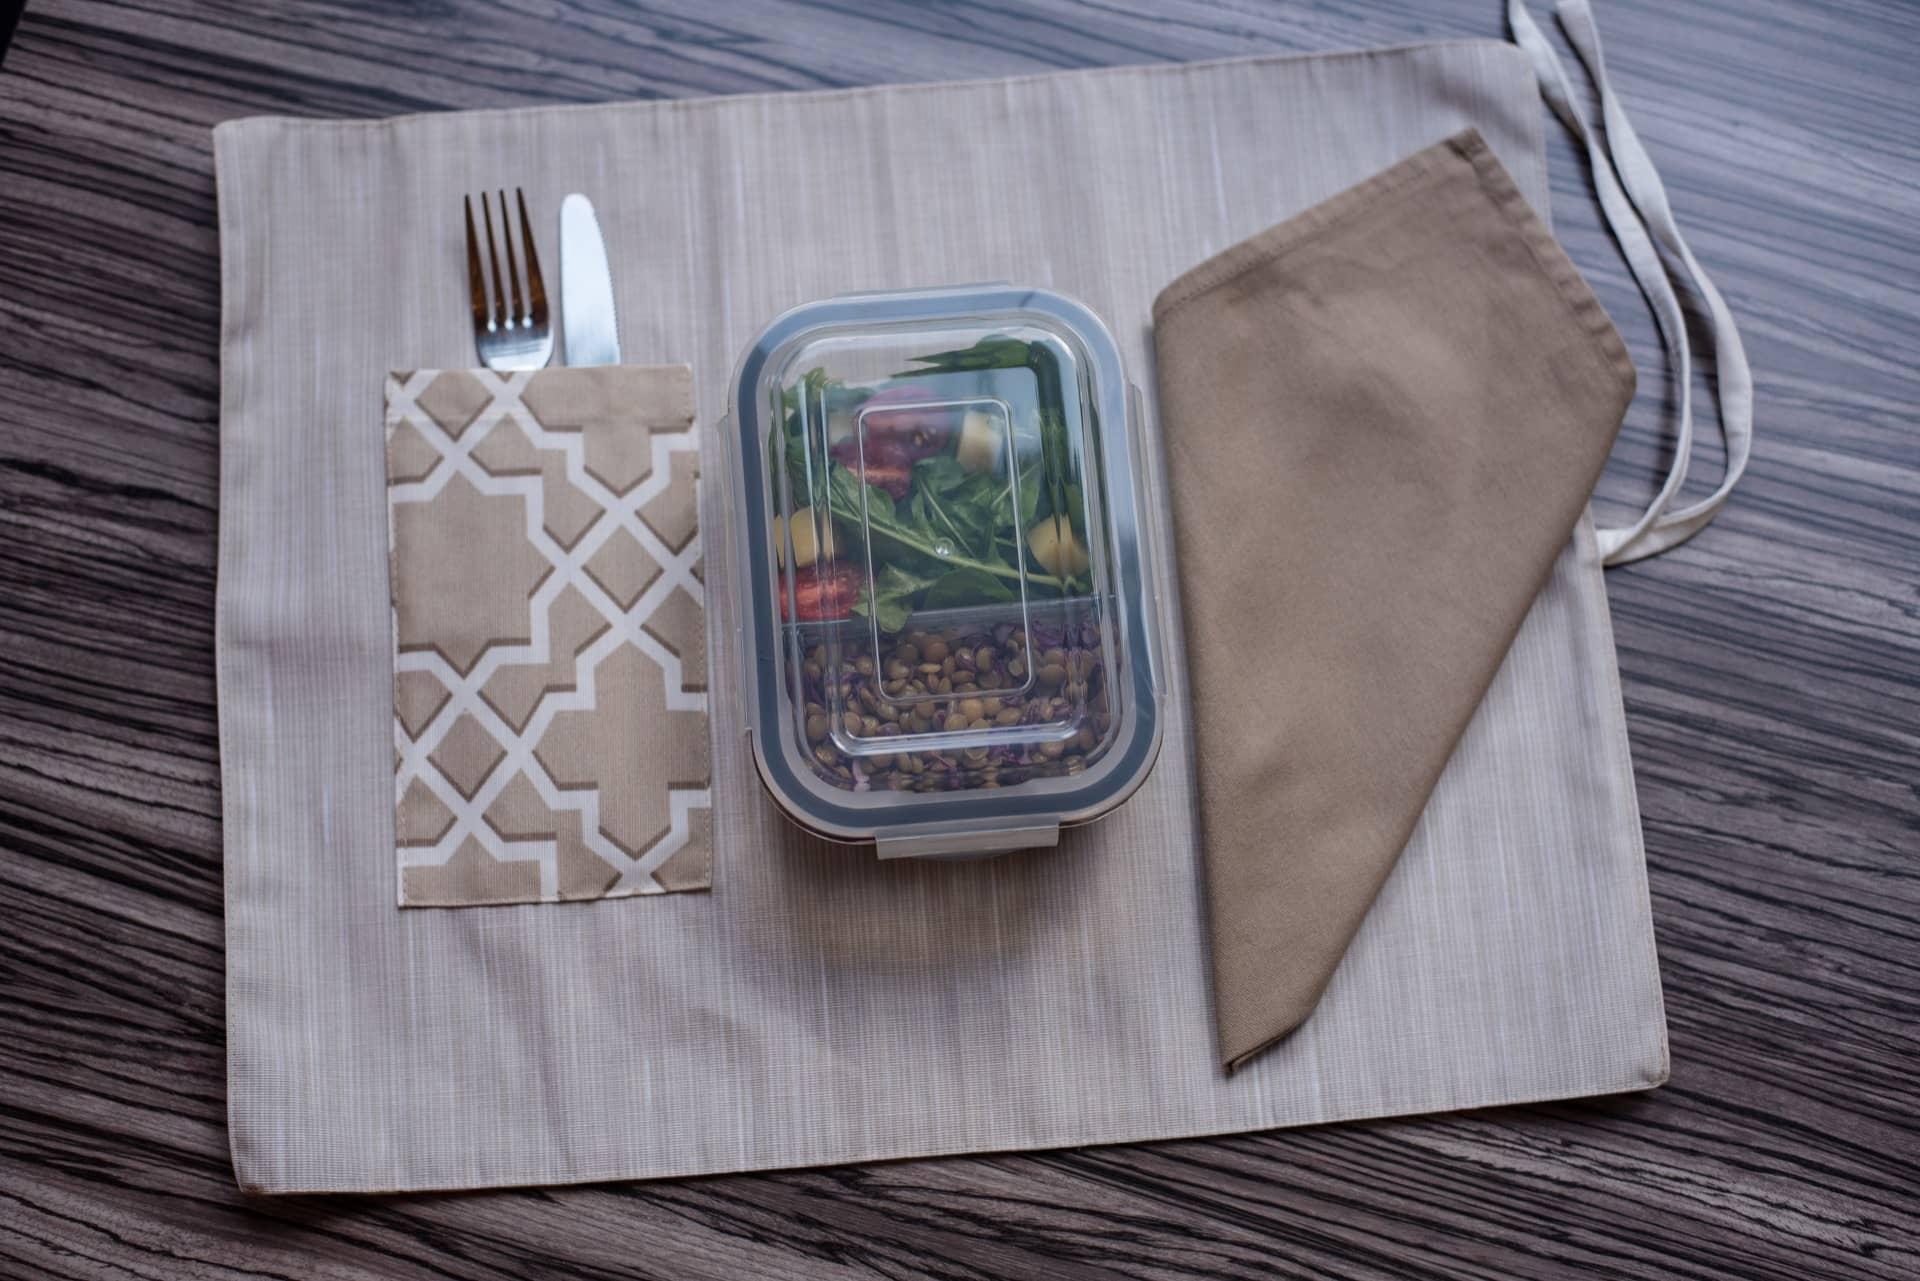 Seu jogo americano para marmita está pronto! Agora é só incluir um guardanapo e uma marmita de vidro, como esta da Oxford, feita de vidro borosilicato, com divisão interna e fechamento hermético.Foto: Karla Rudnick